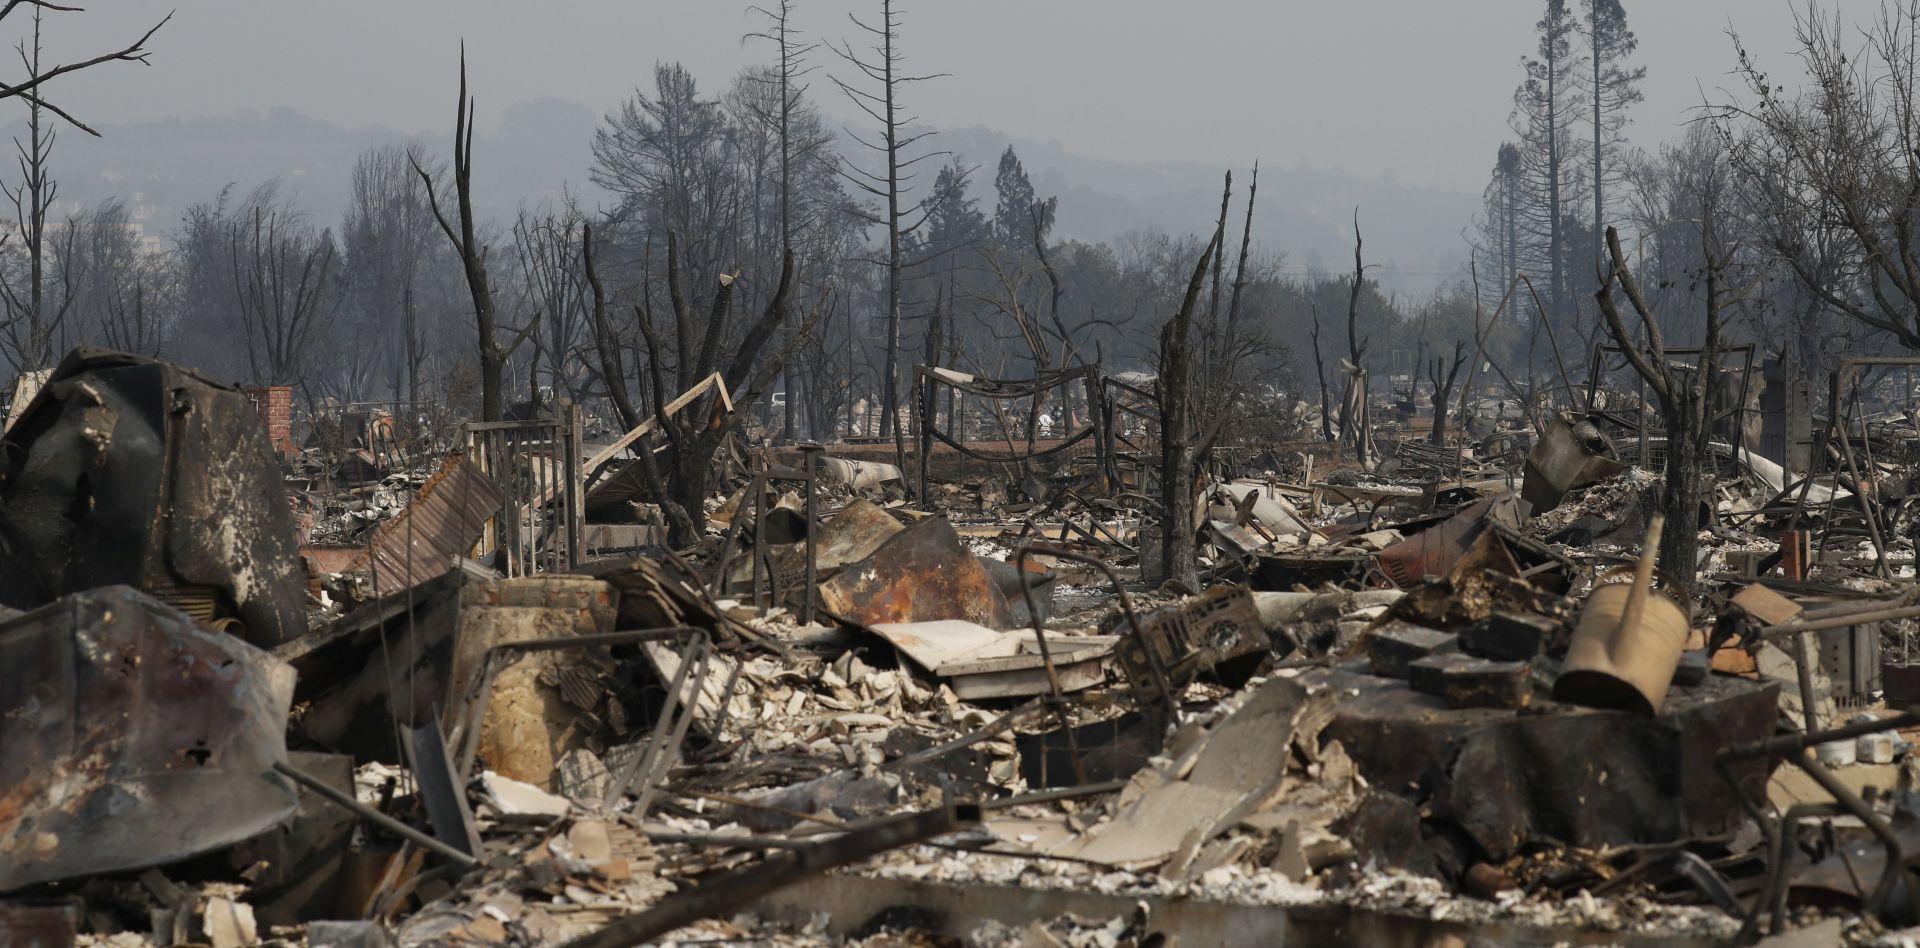 KALIFORNIJA U PLAMENU Najmanje 17 osoba poginulo, više od 150 nestalih